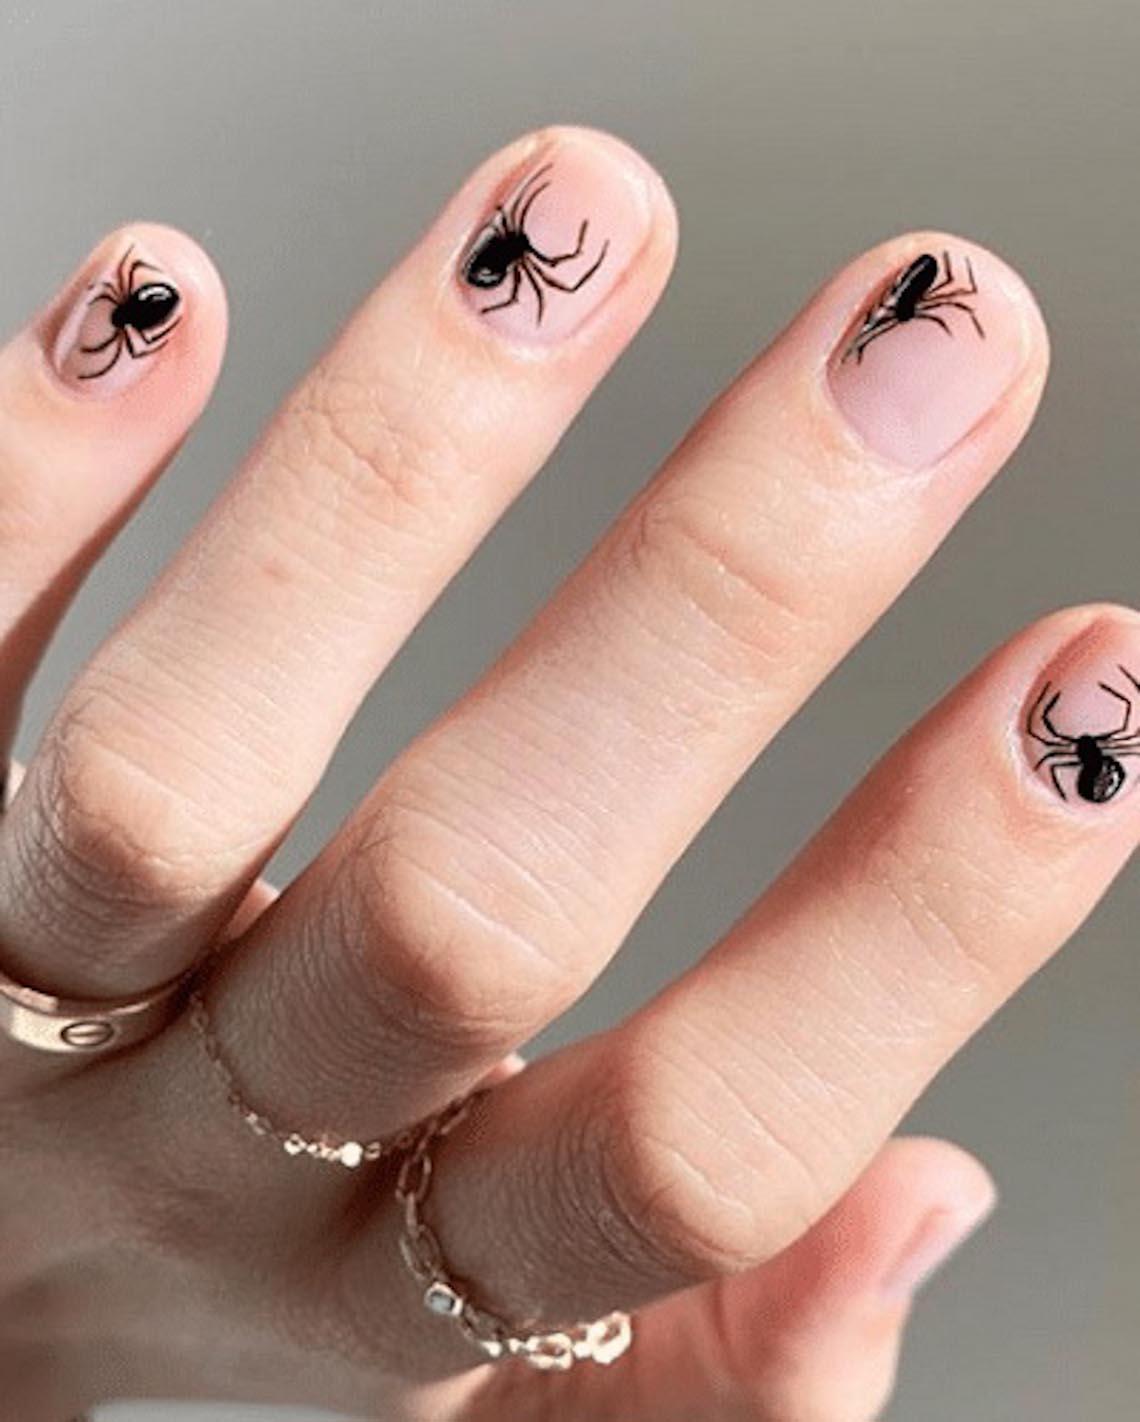 23 ý tưởng trang trí móng tay cho đêm tiệc Halloween - 4